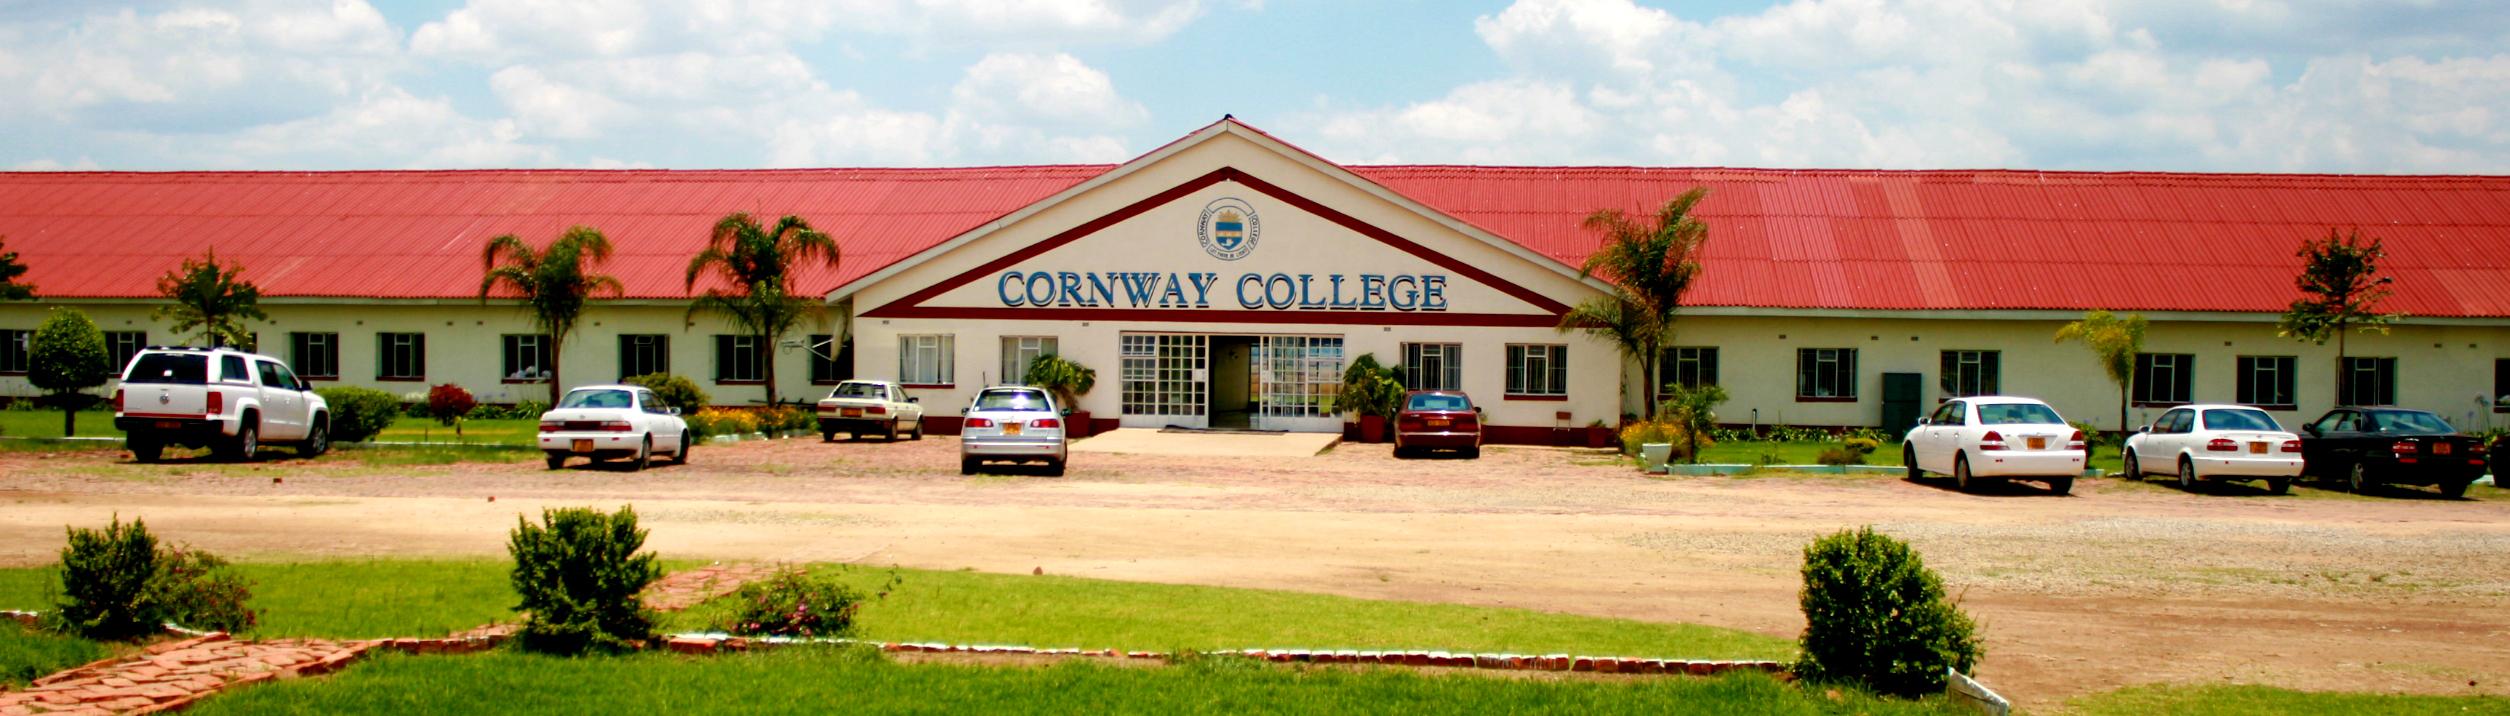 cornway